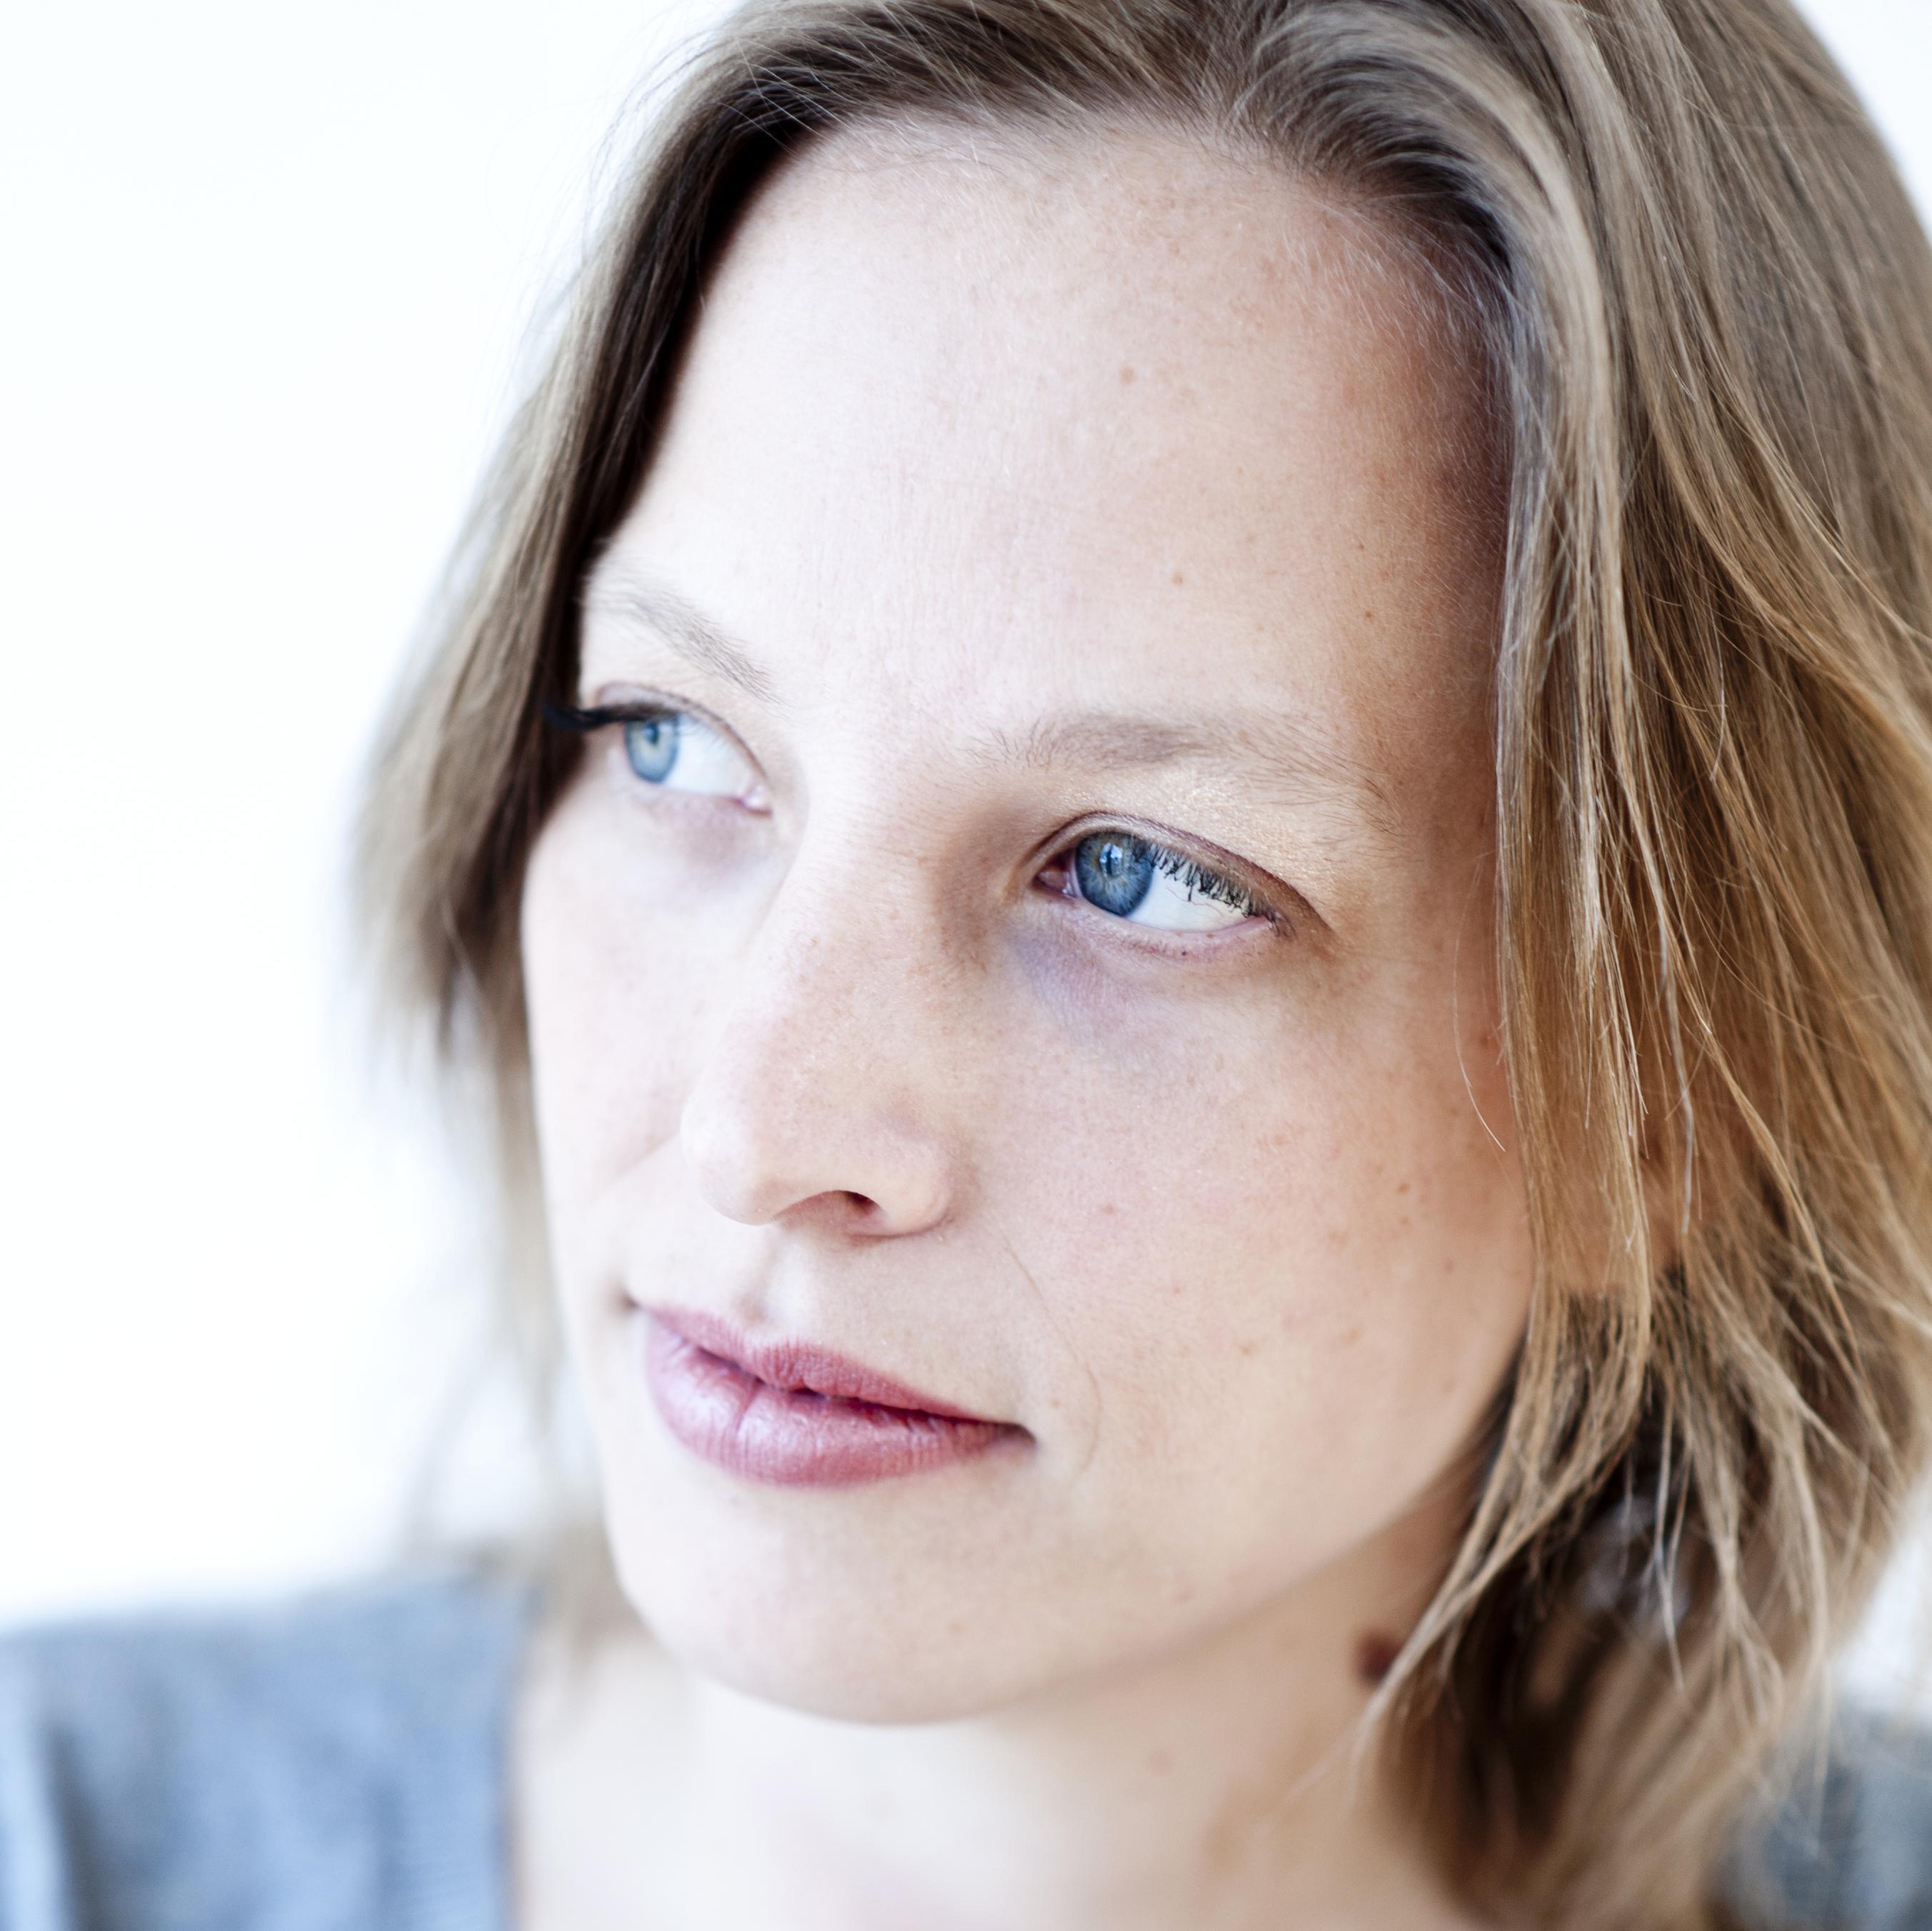 """Sabine Bergk lebt als Schriftstellerin in Berlin. 2012 erschien ihr Prosadebüt """"Gilsbrod"""" im Dittrich Verlag, 2014 """"Ichi oder der Traum vom Roman"""". Sie arbeitet zusammen mit Deutschlandradio Kultur und dem WDR und ist Gastautorin von """"10 nach 8""""."""